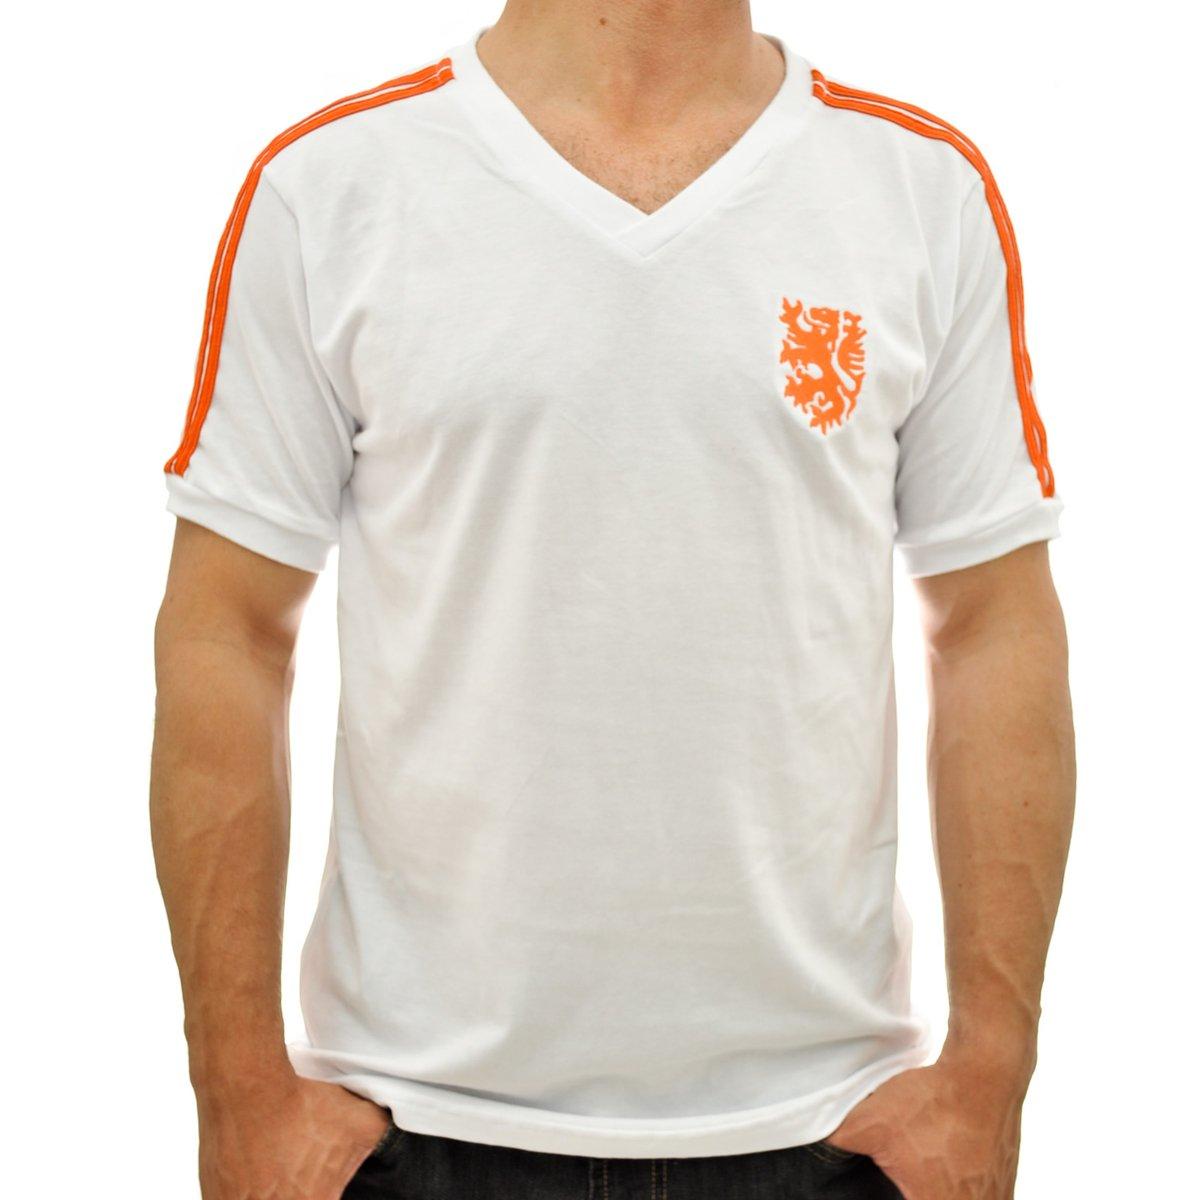 8e5c5792de675 Camisa Retrô Mania Holanda 1974 Reserva Masculina - Compre Agora ...